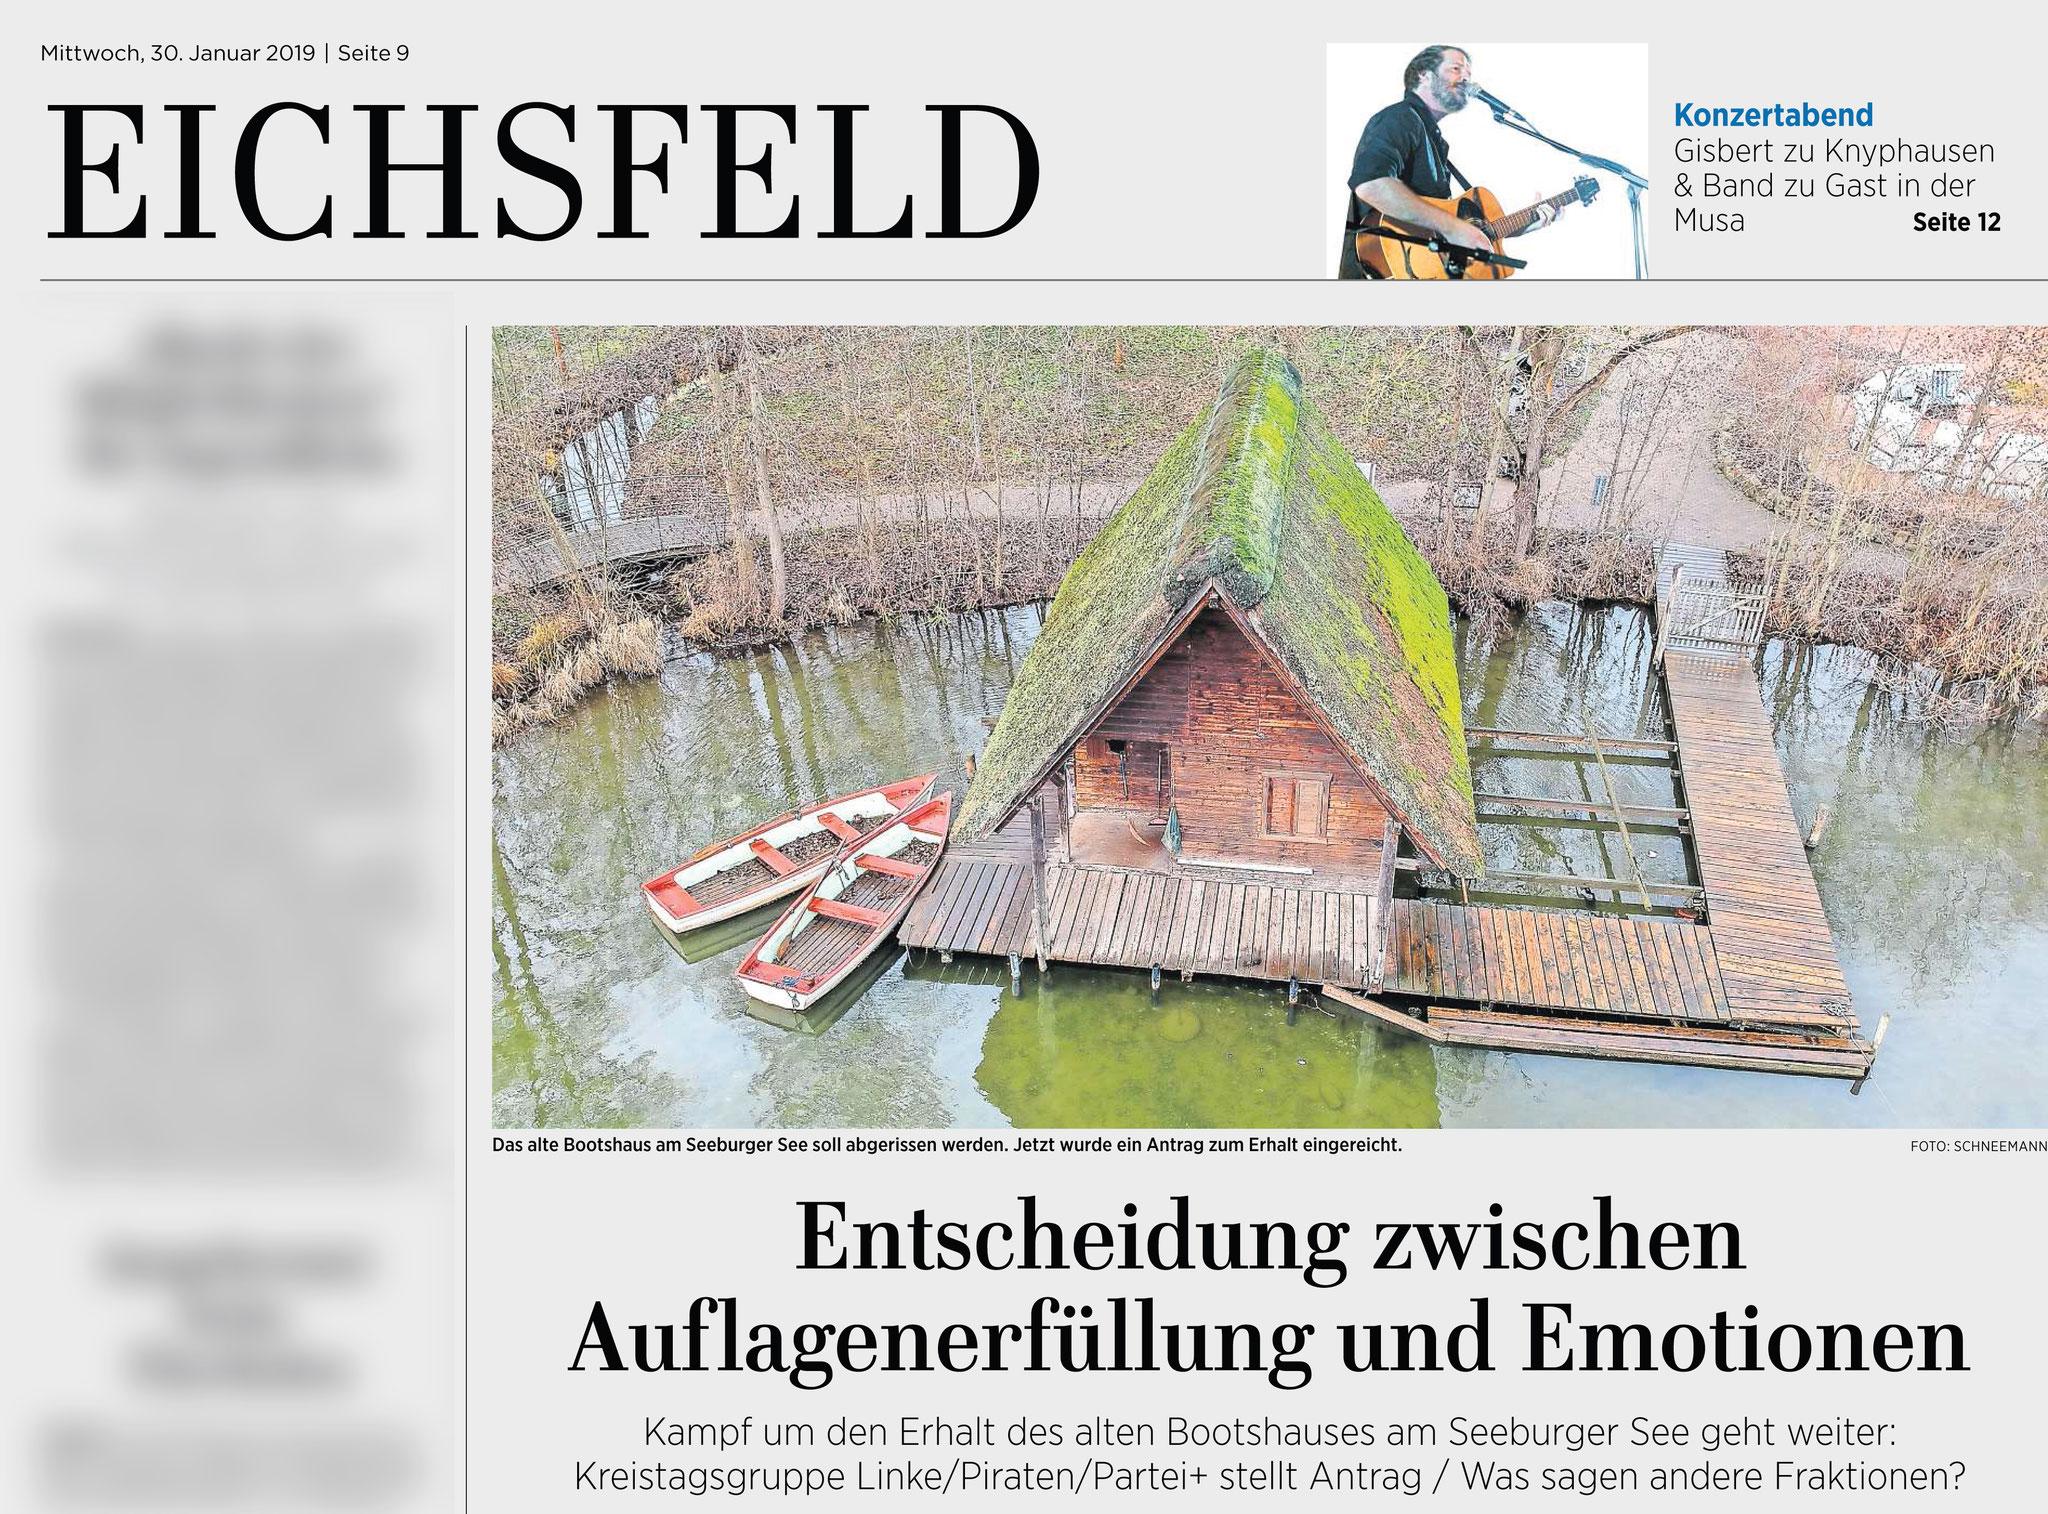 Eichsfelder Tageblatt 30.01.2019 Antrag auf Erhalt des Bootshaus am Seeburger See